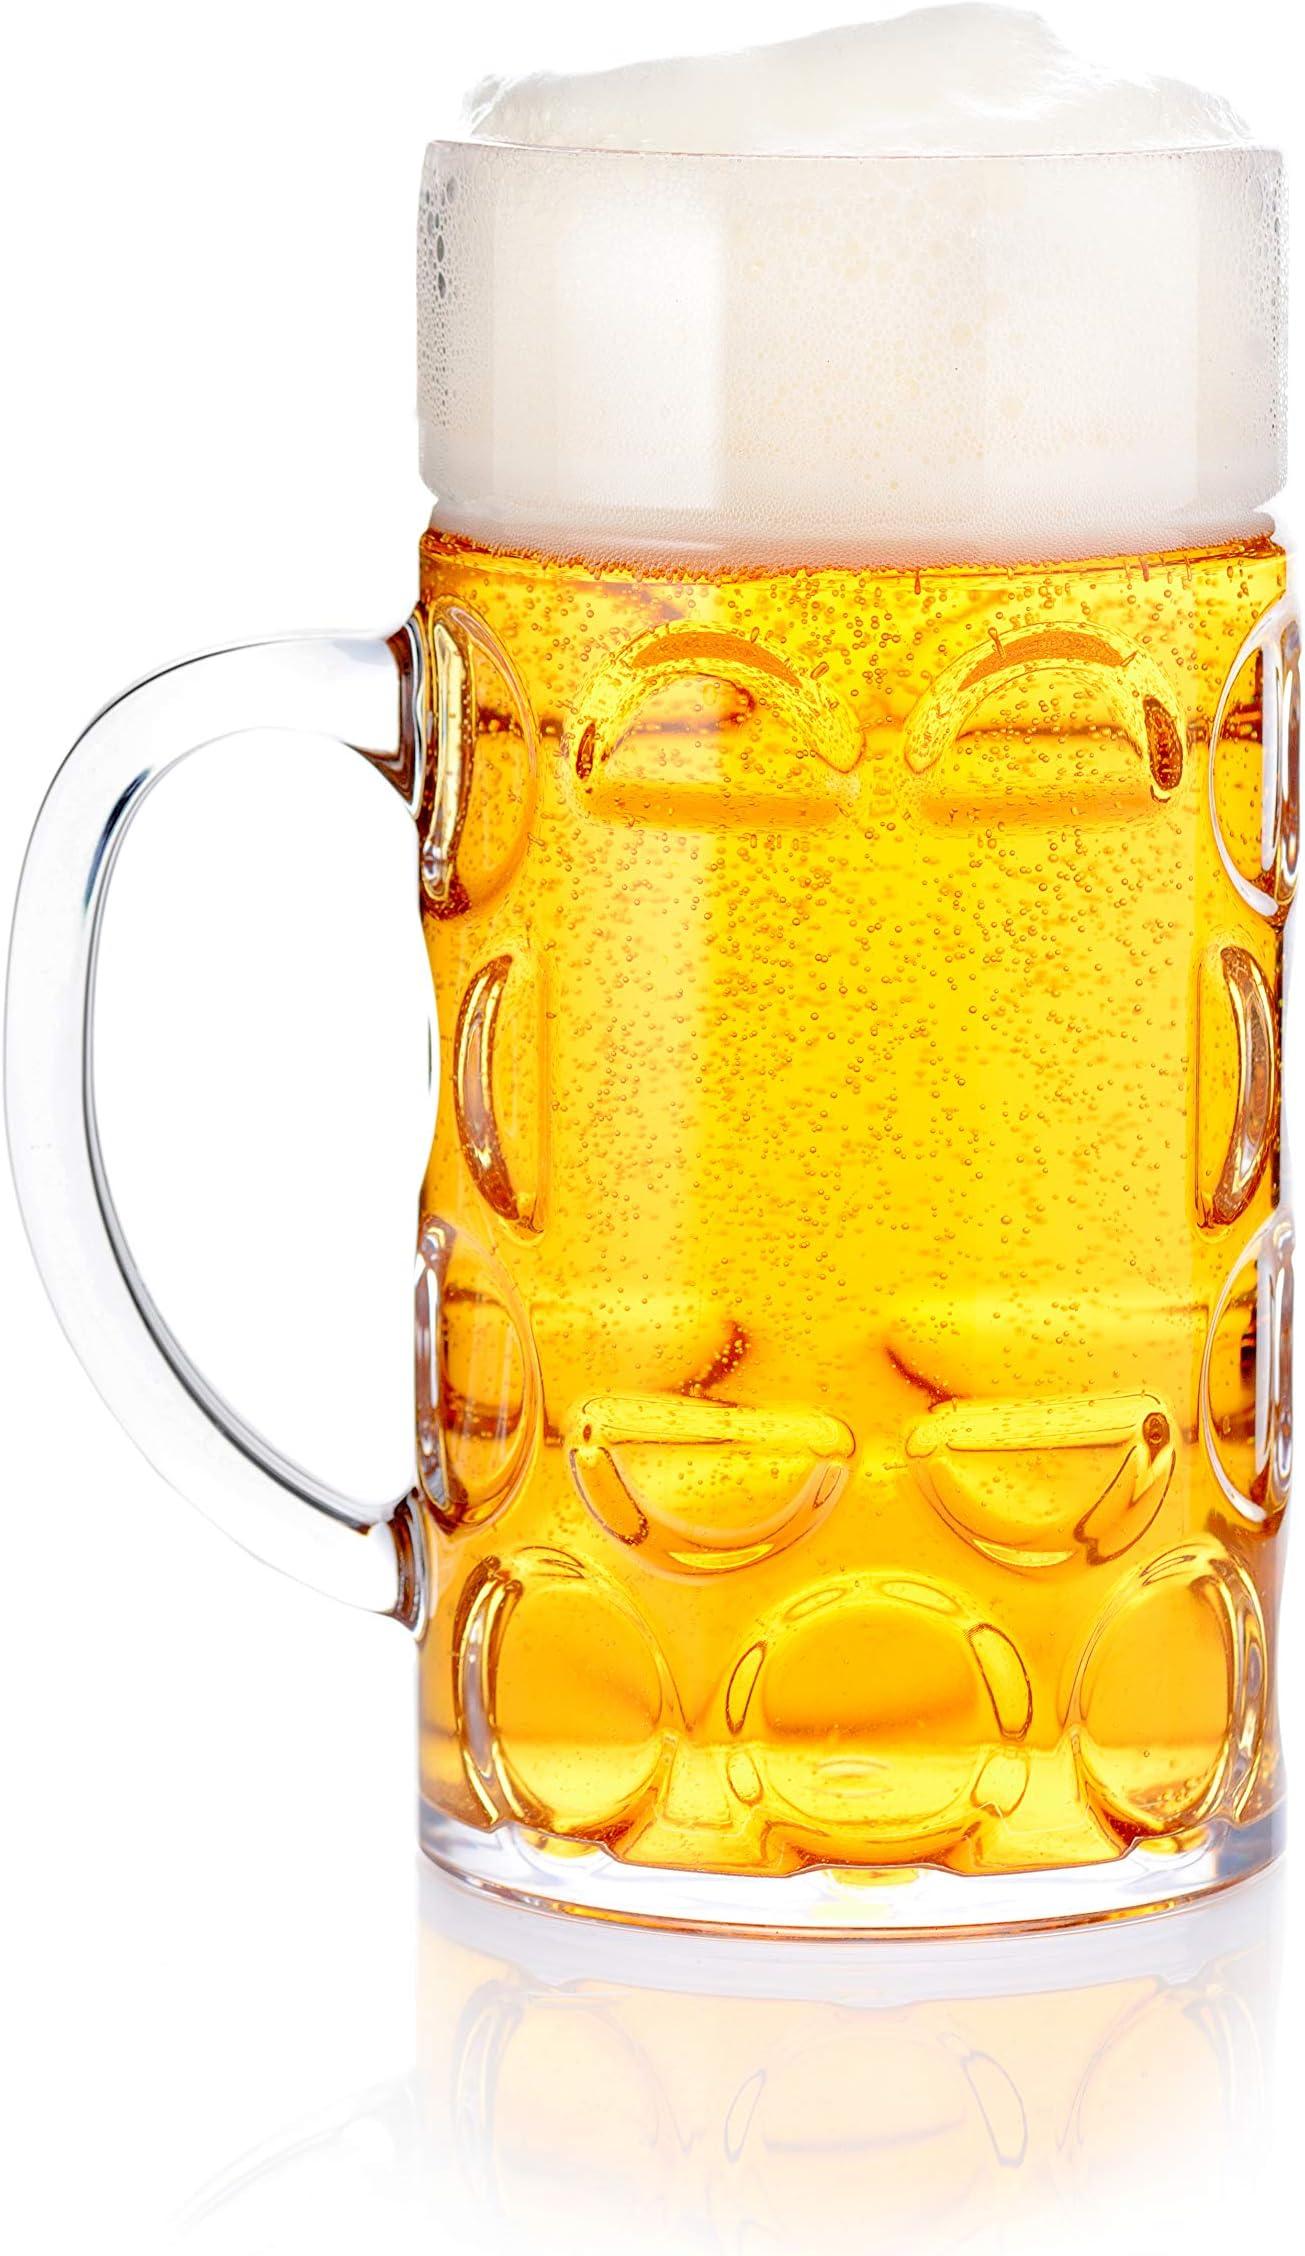 MAE73218L He Had Me At Hello Beer Mug 13 oz Beer Mug 24 pcs